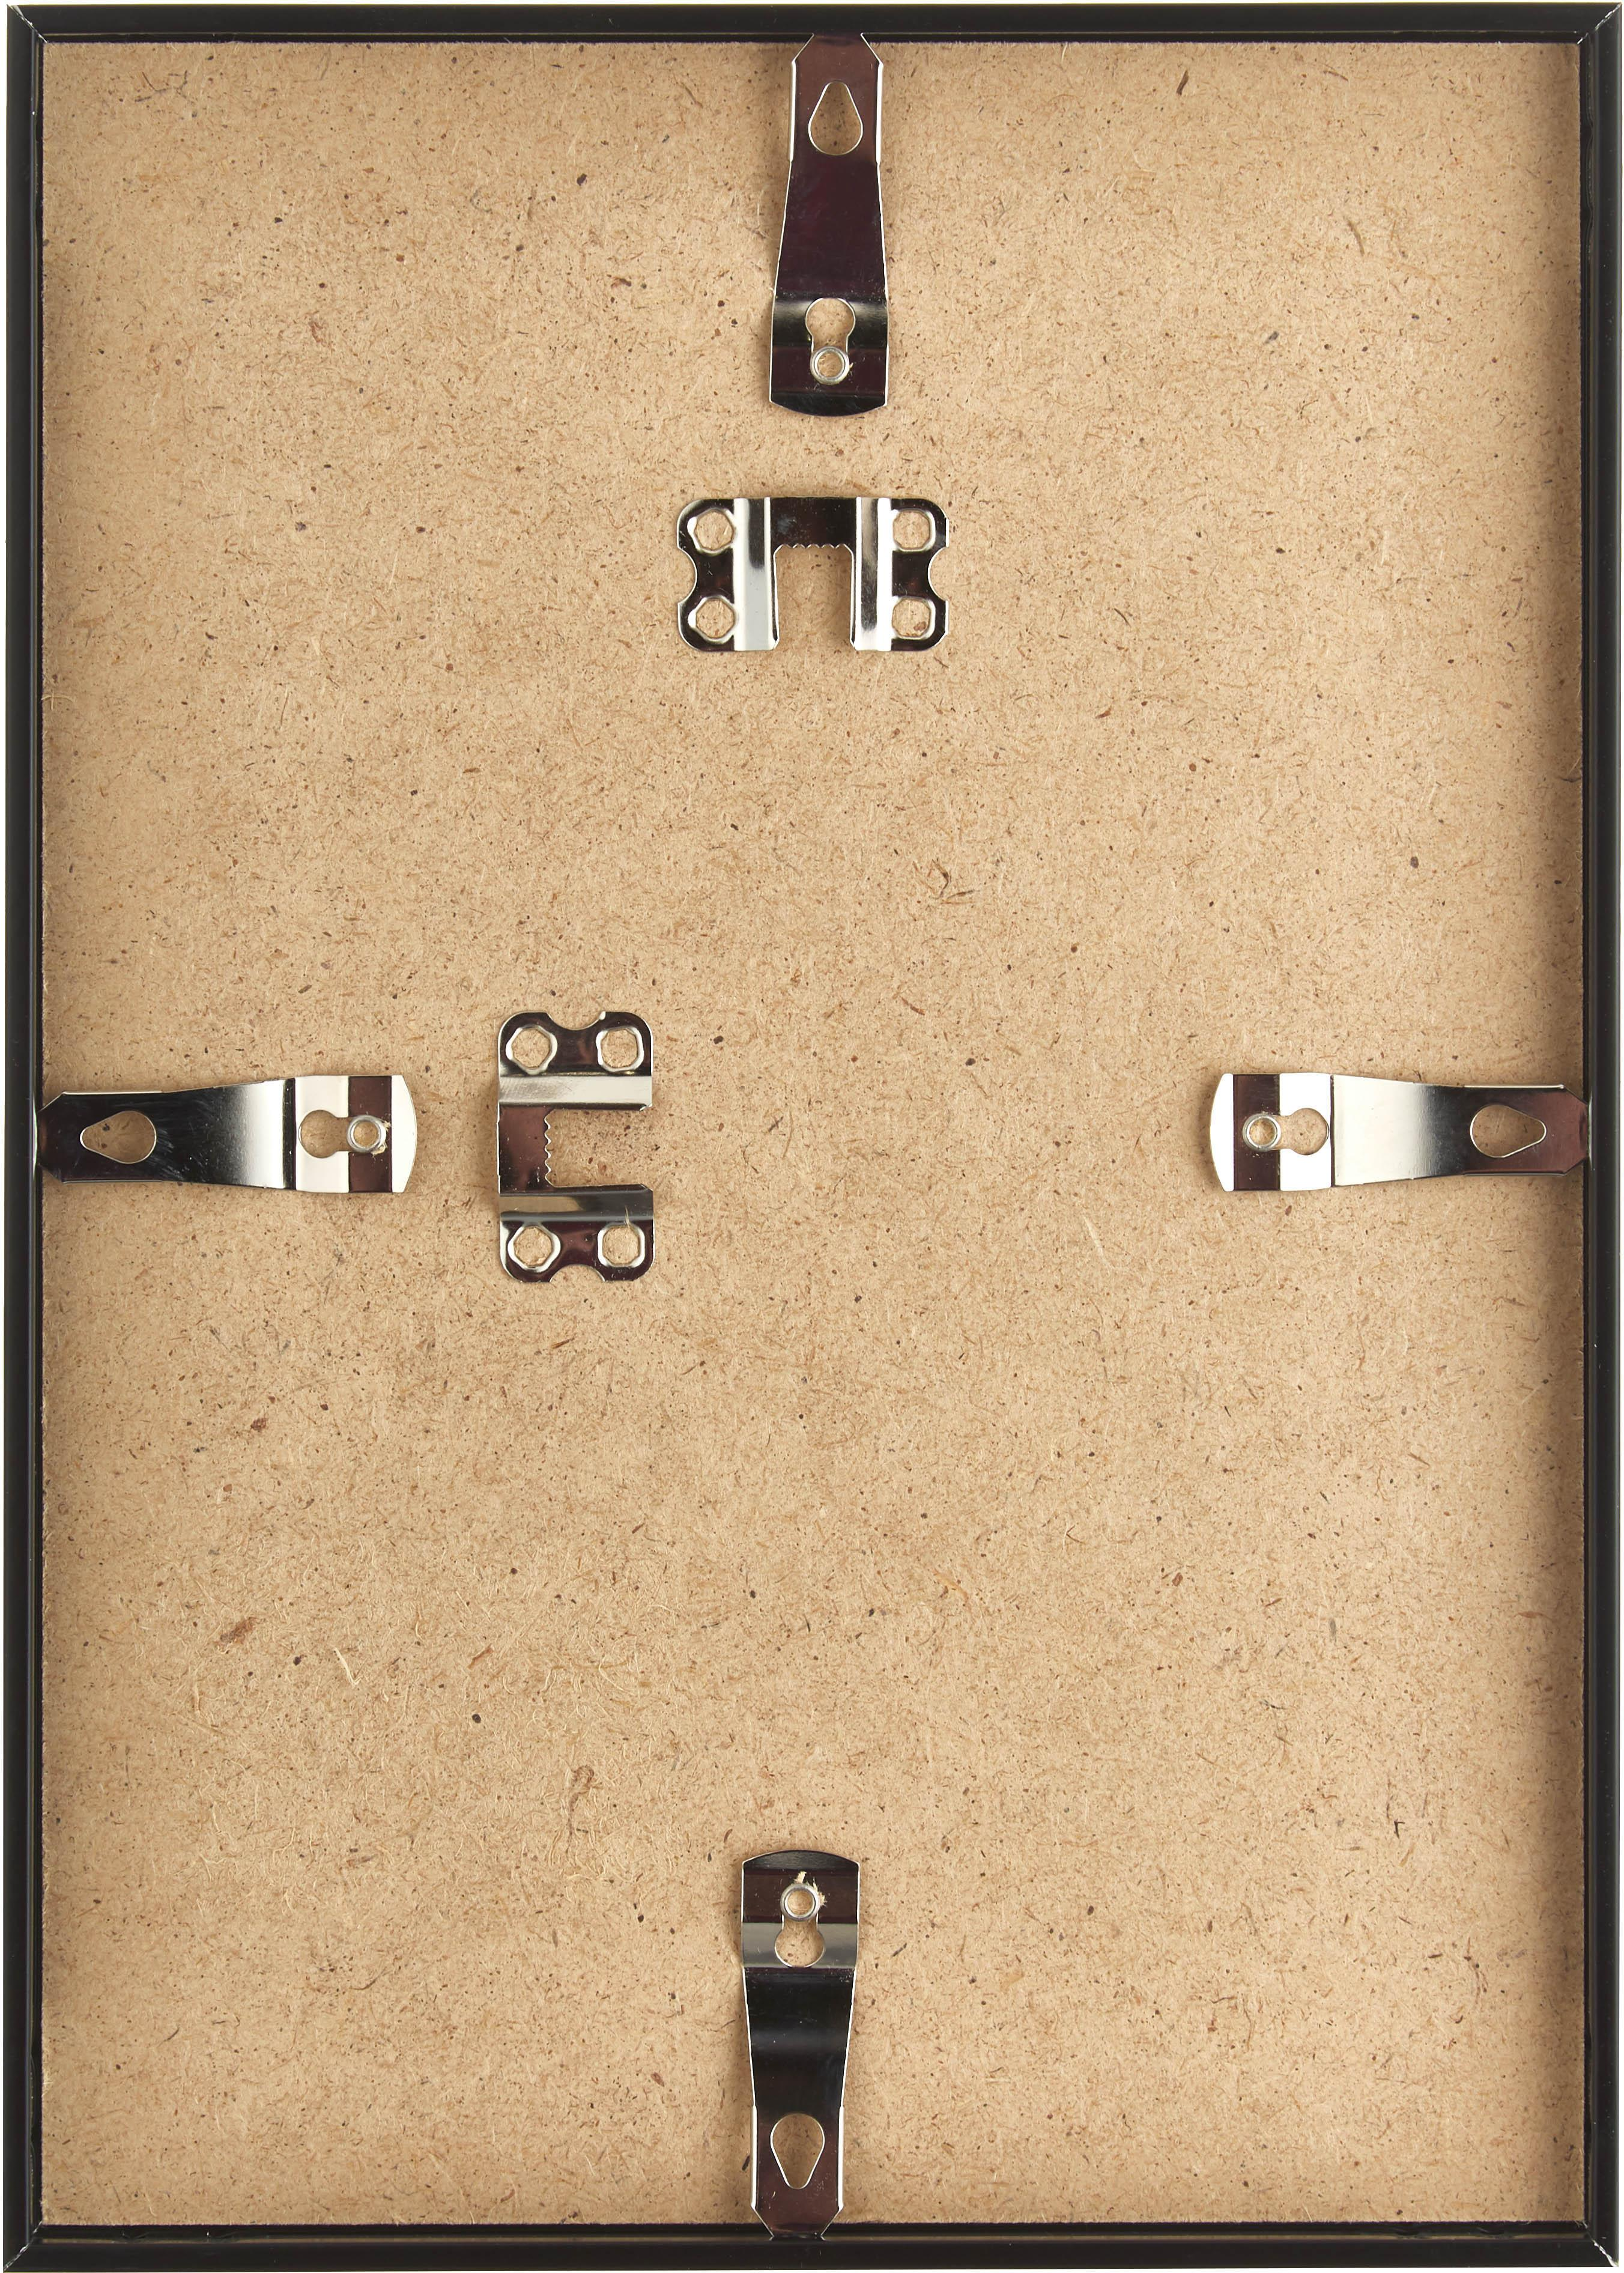 Bilderrahmen Accent, Rahmen: Aluminium, beschichtet, Front: Glas, Rückseite: Mitteldichte Holzfaserpla, Schwarz, 21 x 30 cm